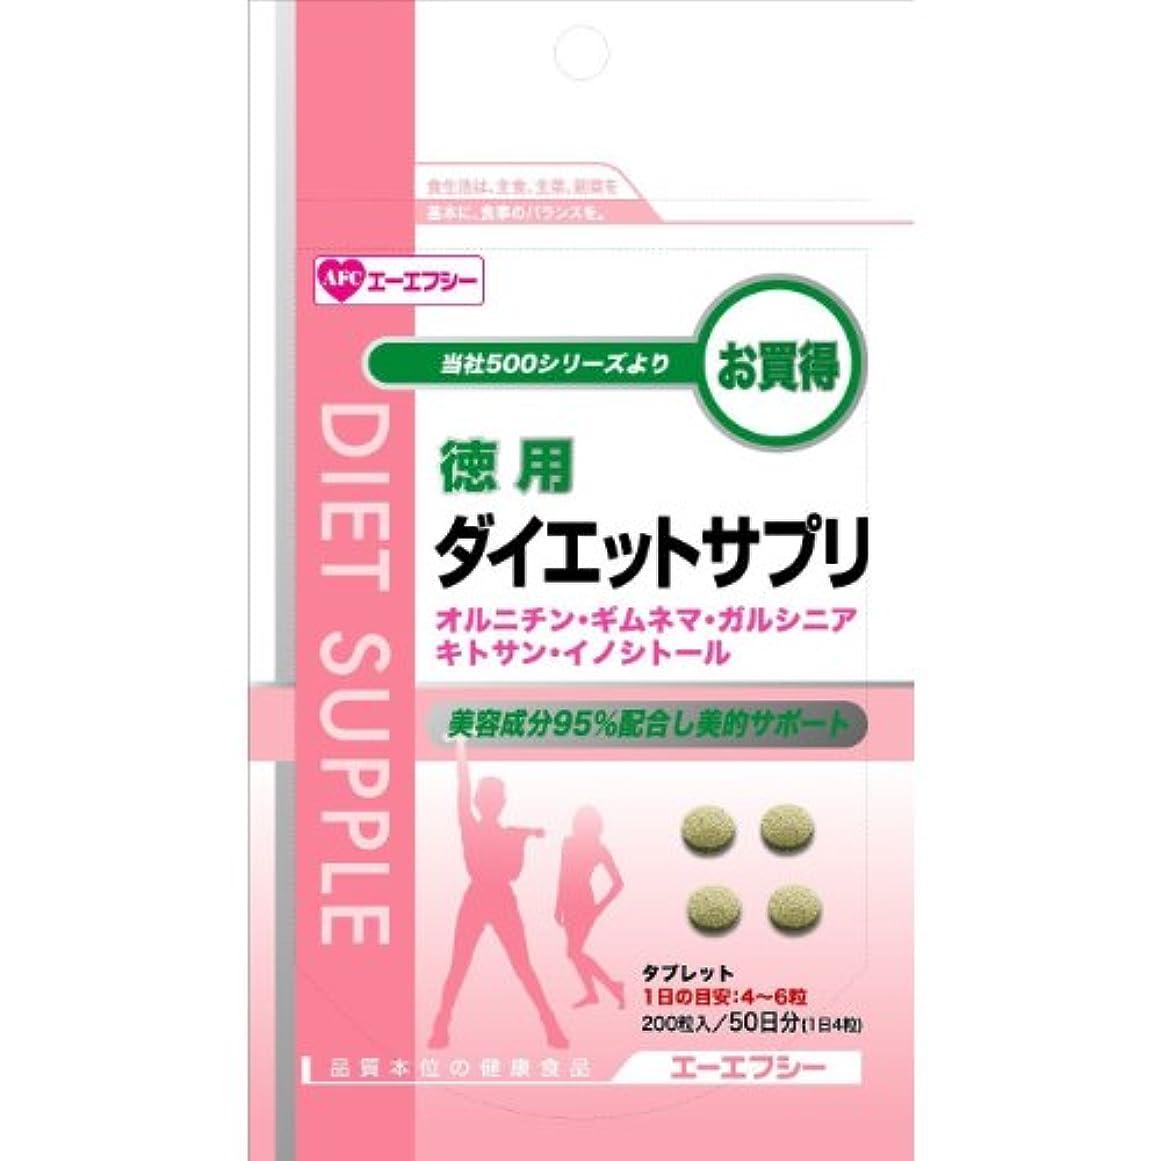 流宿命心理学AFC980円シリーズ 徳用 ダイエットサプリ 200粒入 (約50日分)【10袋セット】